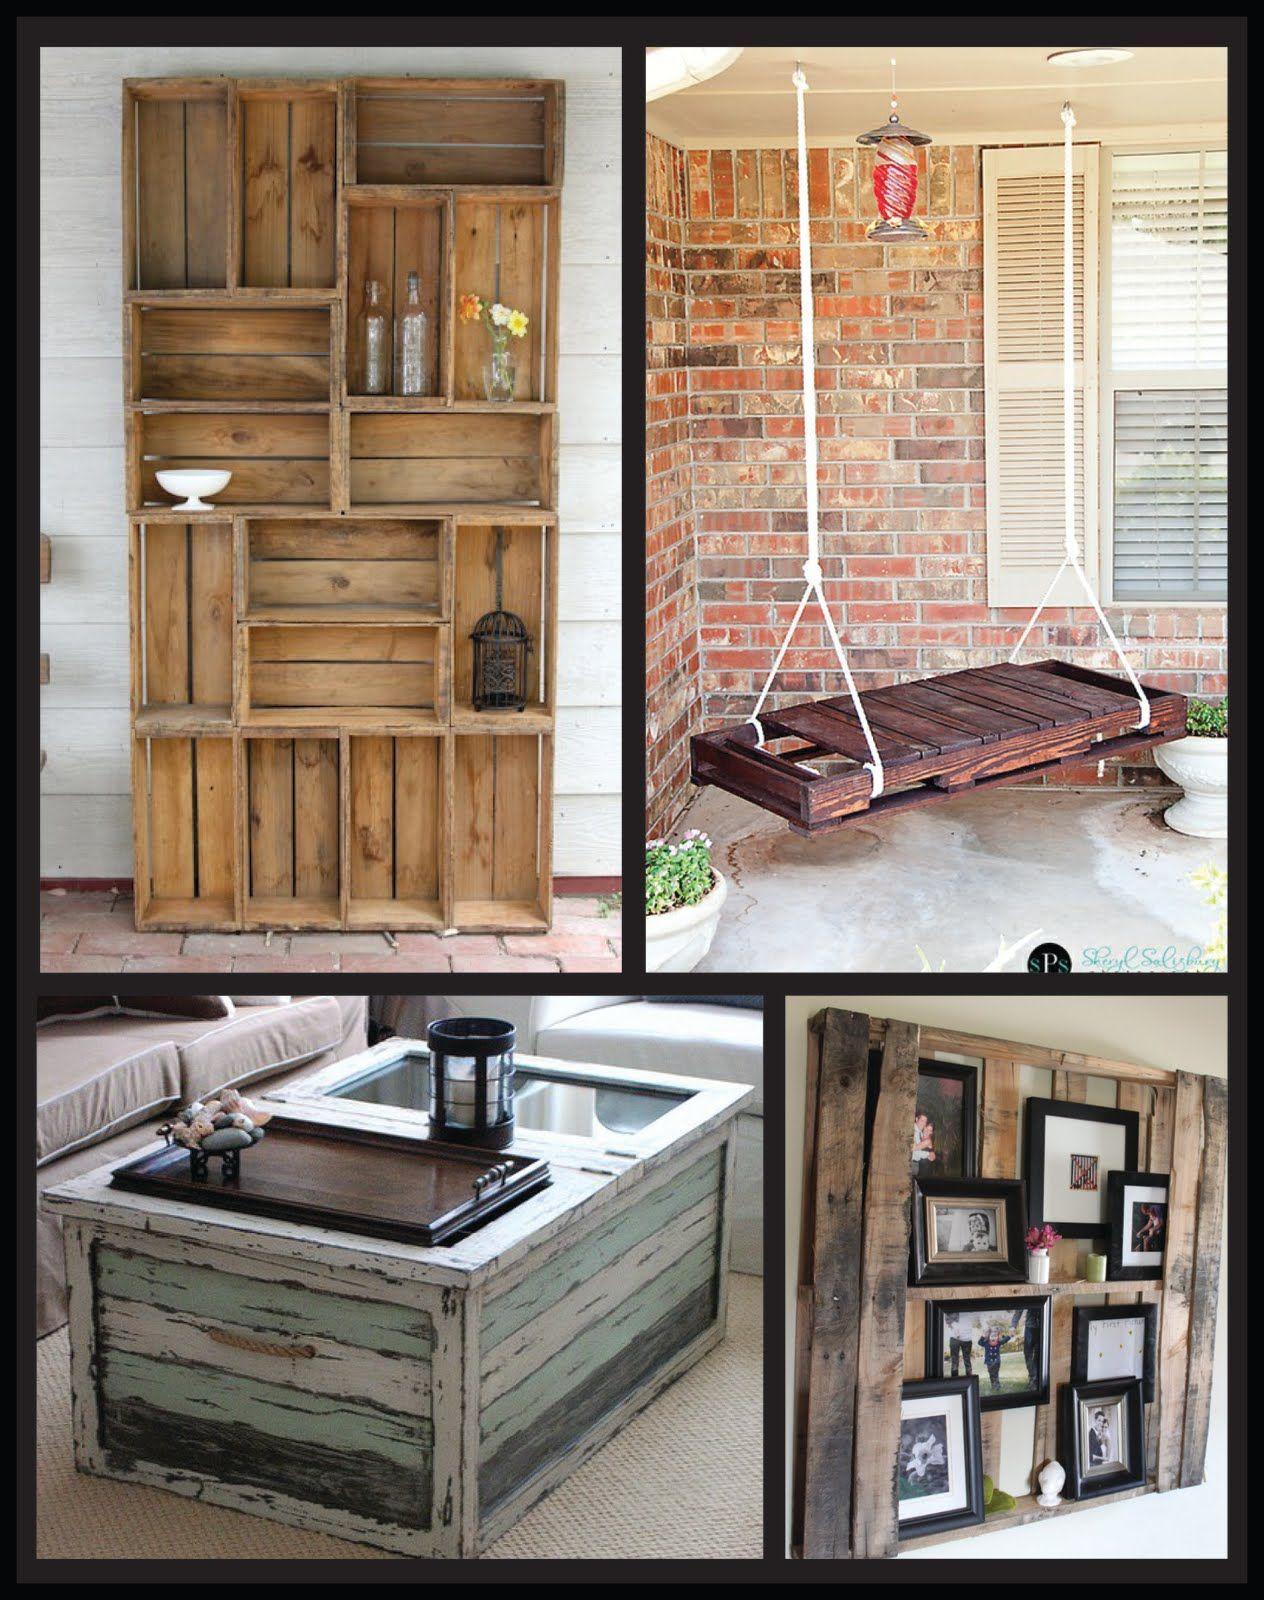 die besten 25 palettenregale ideen auf pinterest palettenregalung regal ideen und palette. Black Bedroom Furniture Sets. Home Design Ideas